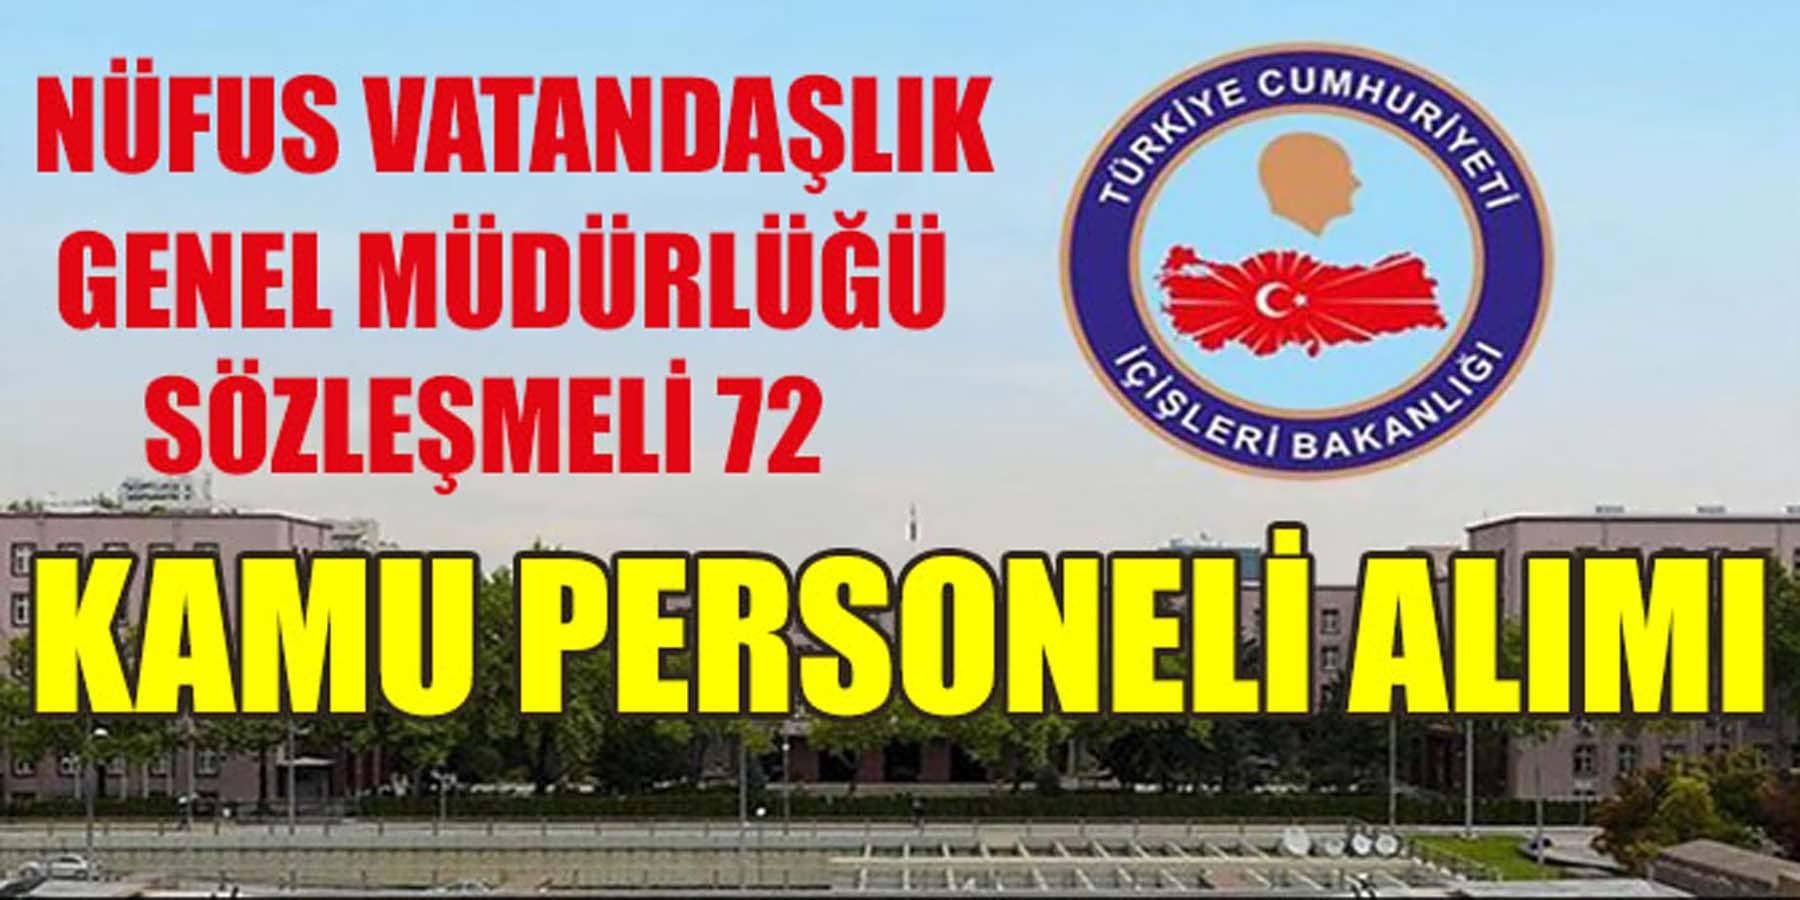 İçişleri Bakanlığı Nüfus Müdürlüğü 72 Kamu Personeli Alımı